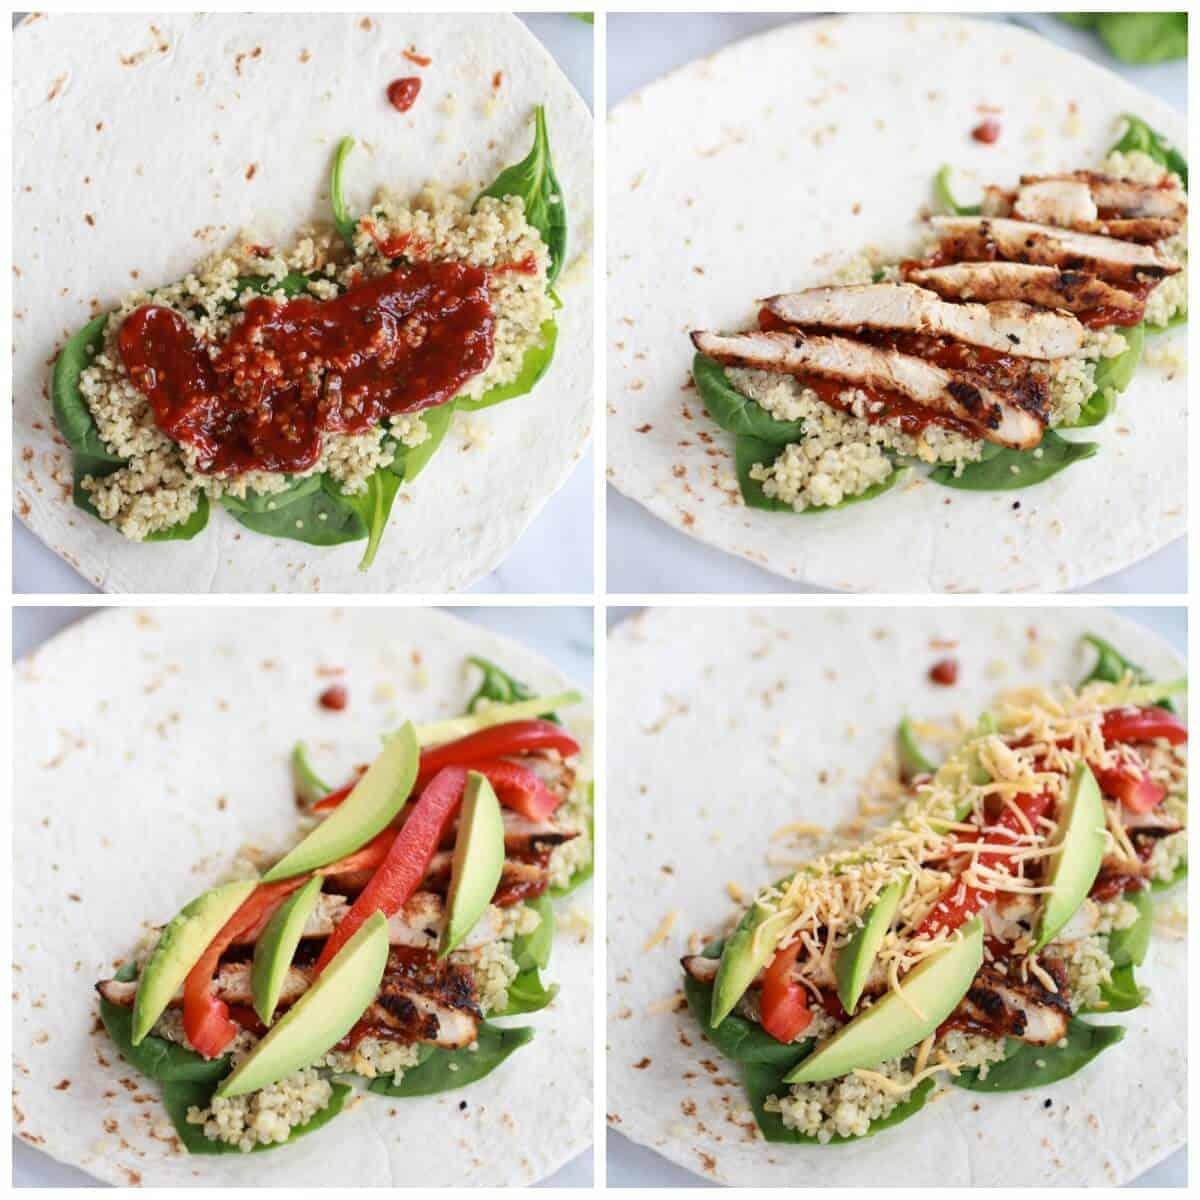 Tex Mex Chicken and Quinoa Wraps